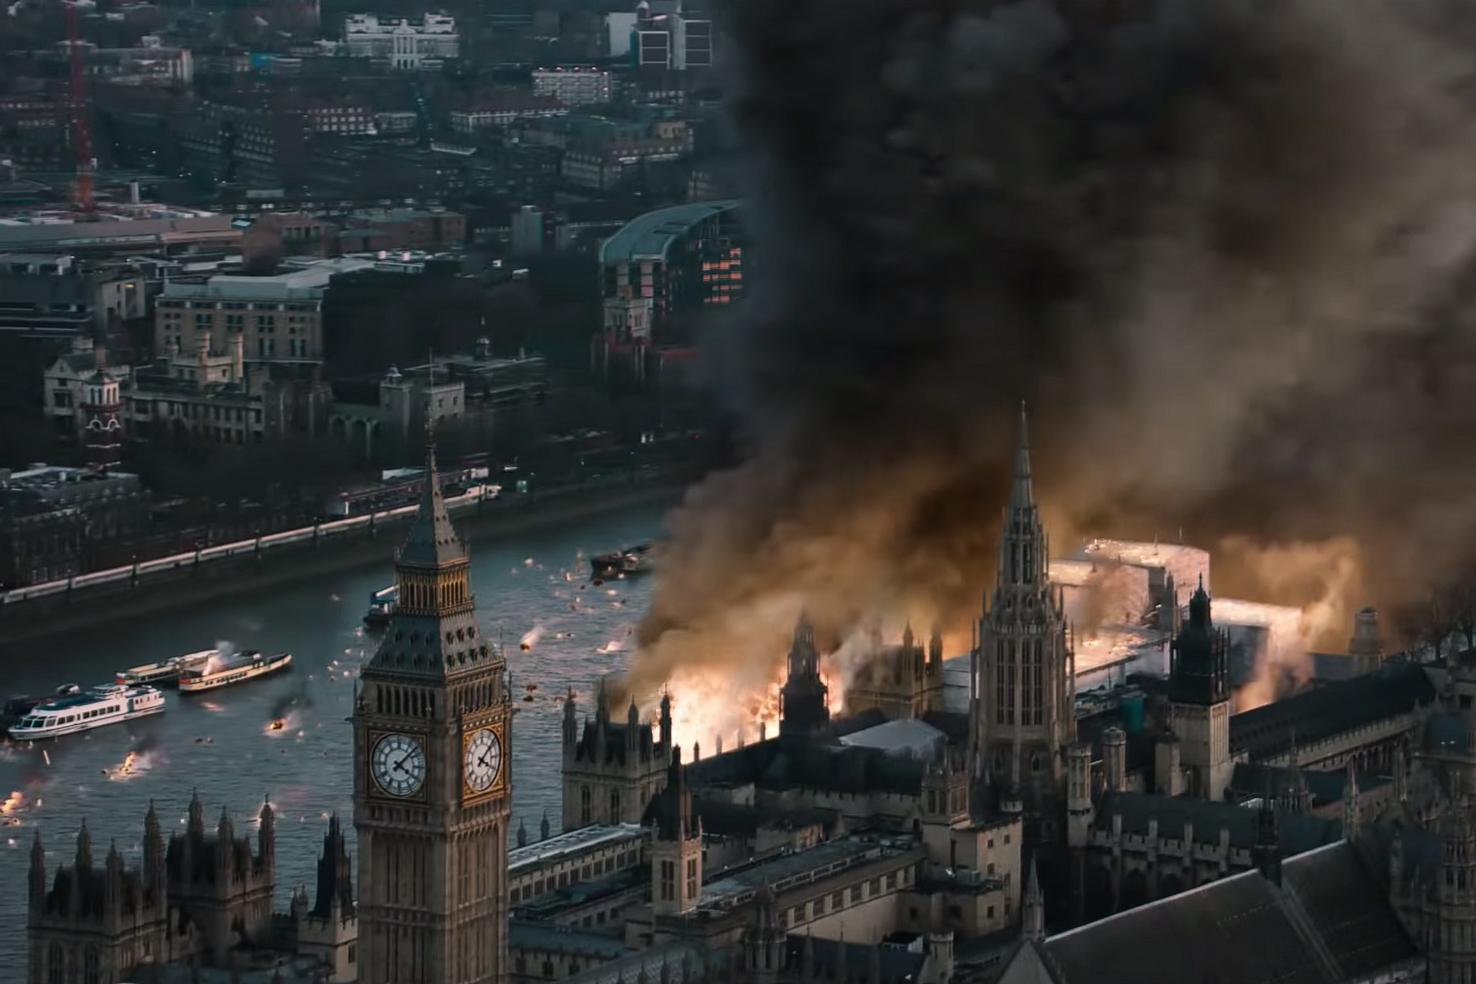 'London Has Fallen' First Teaser Trailer Starring Morgan Freeman, Gerard Butler and Aaron Eckhart